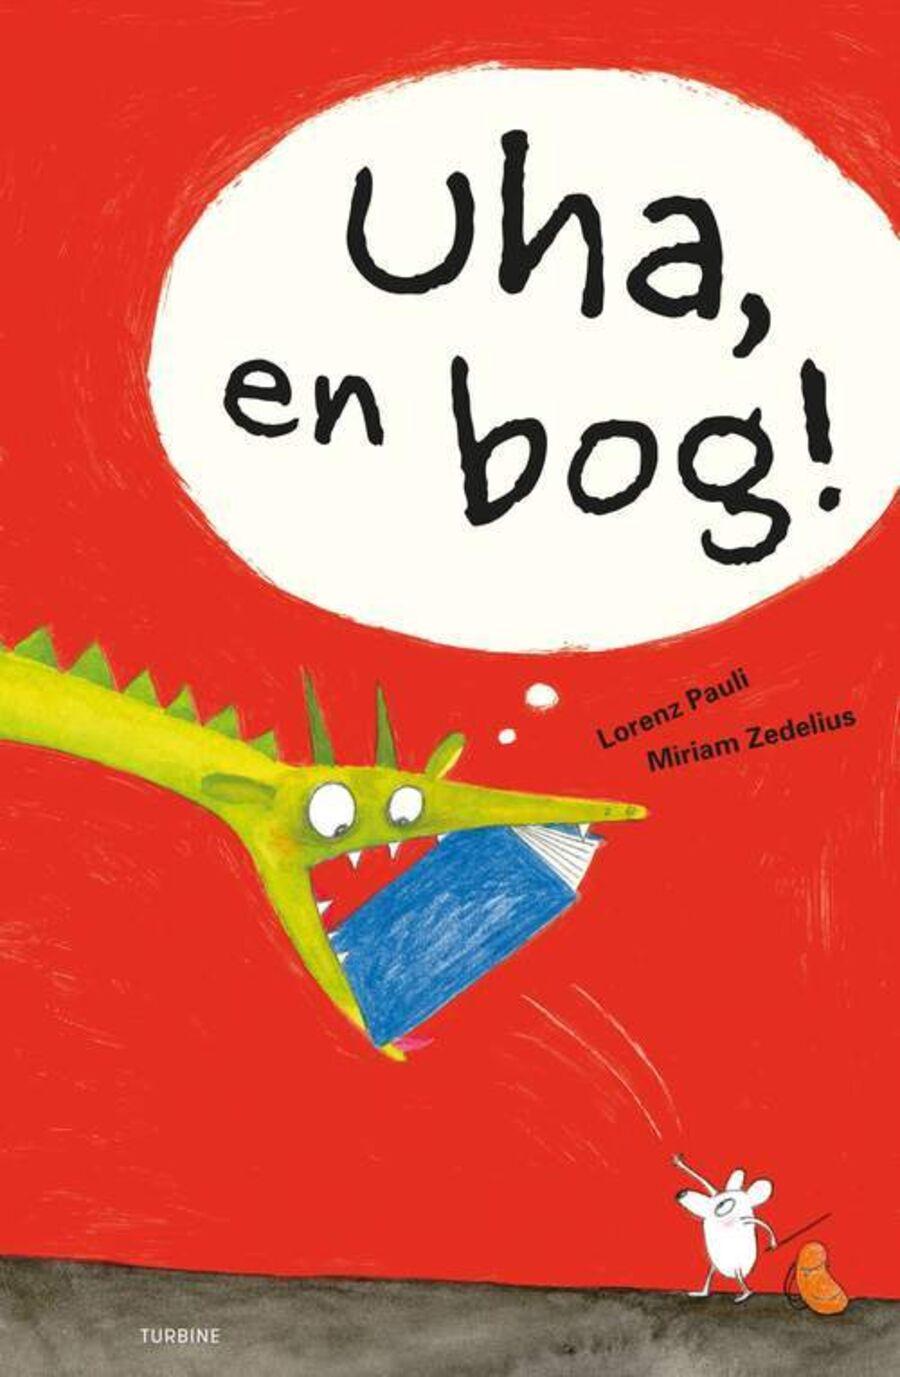 Uha, en bog!